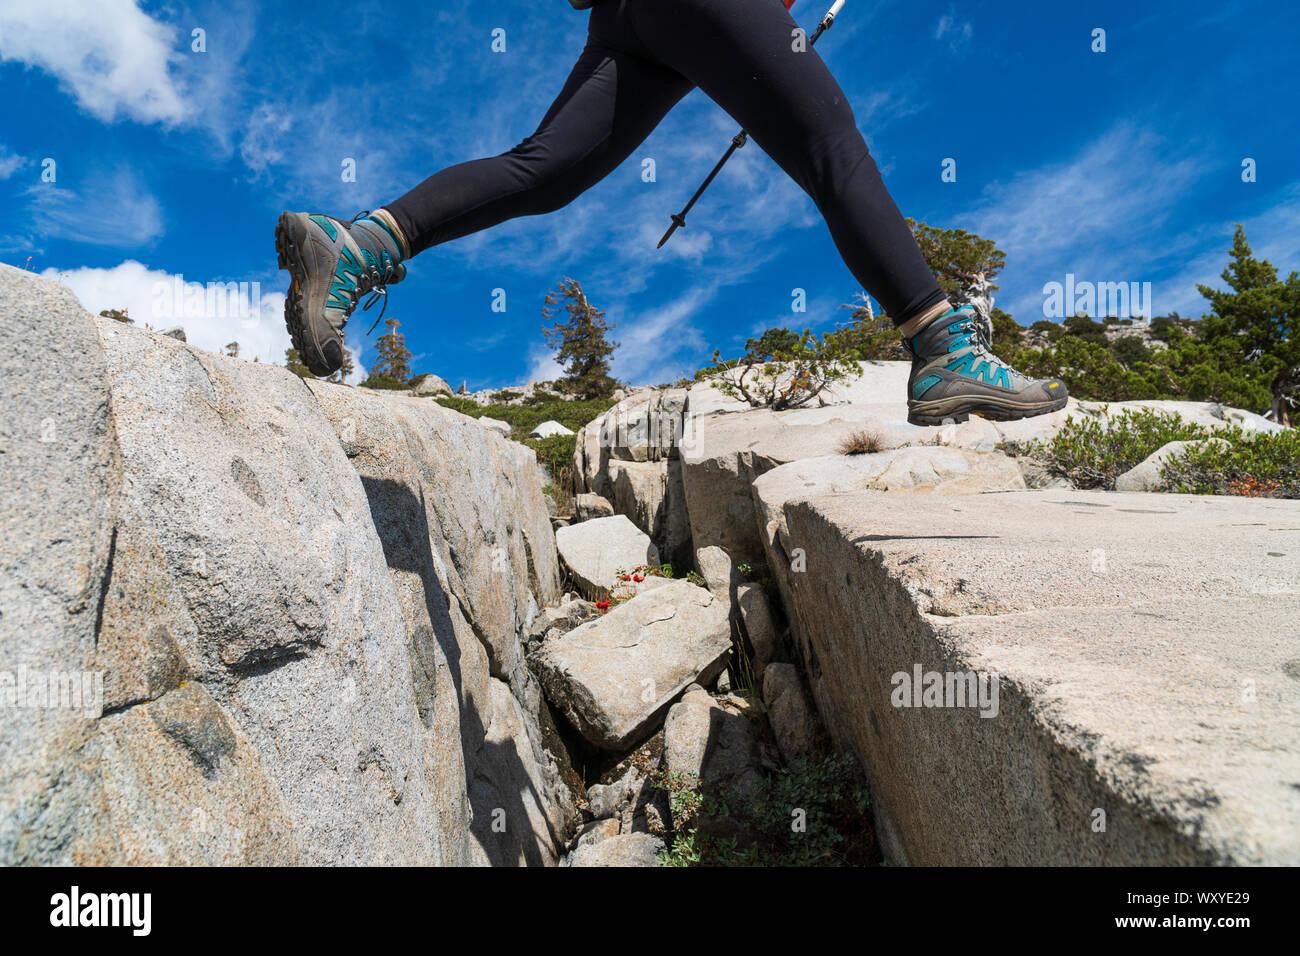 Mochilero fuera de senderos en la desolación desierto en saltar grietas de granito Foto de stock